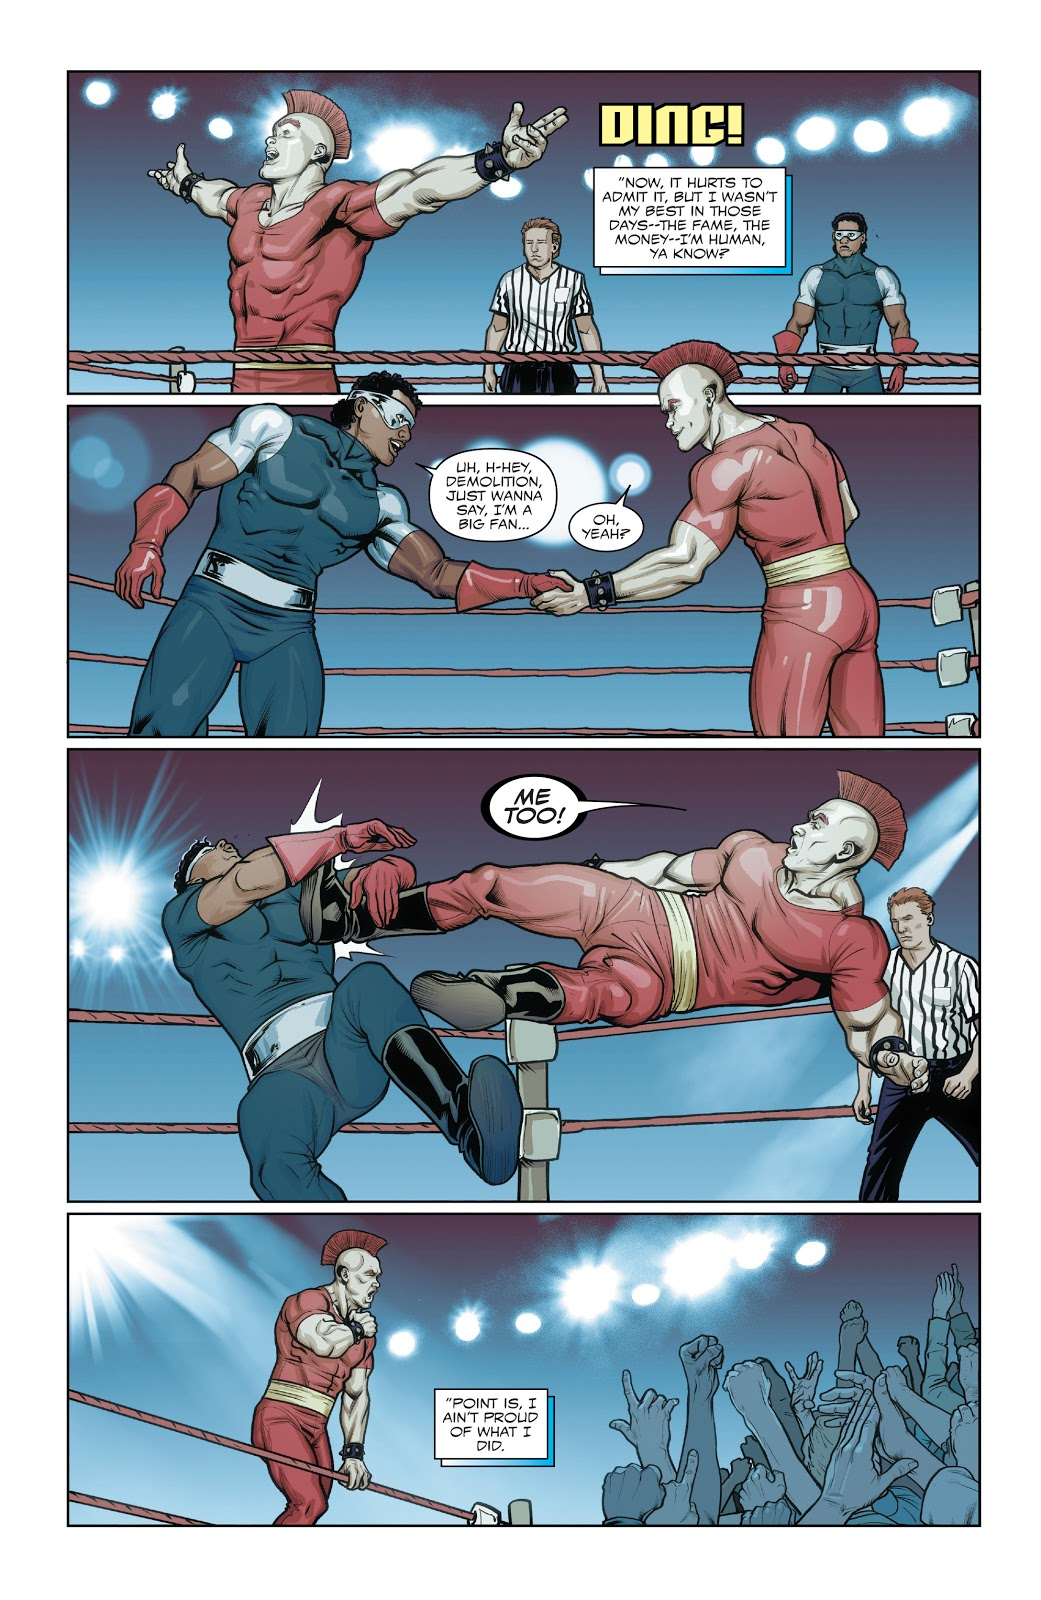 Battlestar's Wrestling Career